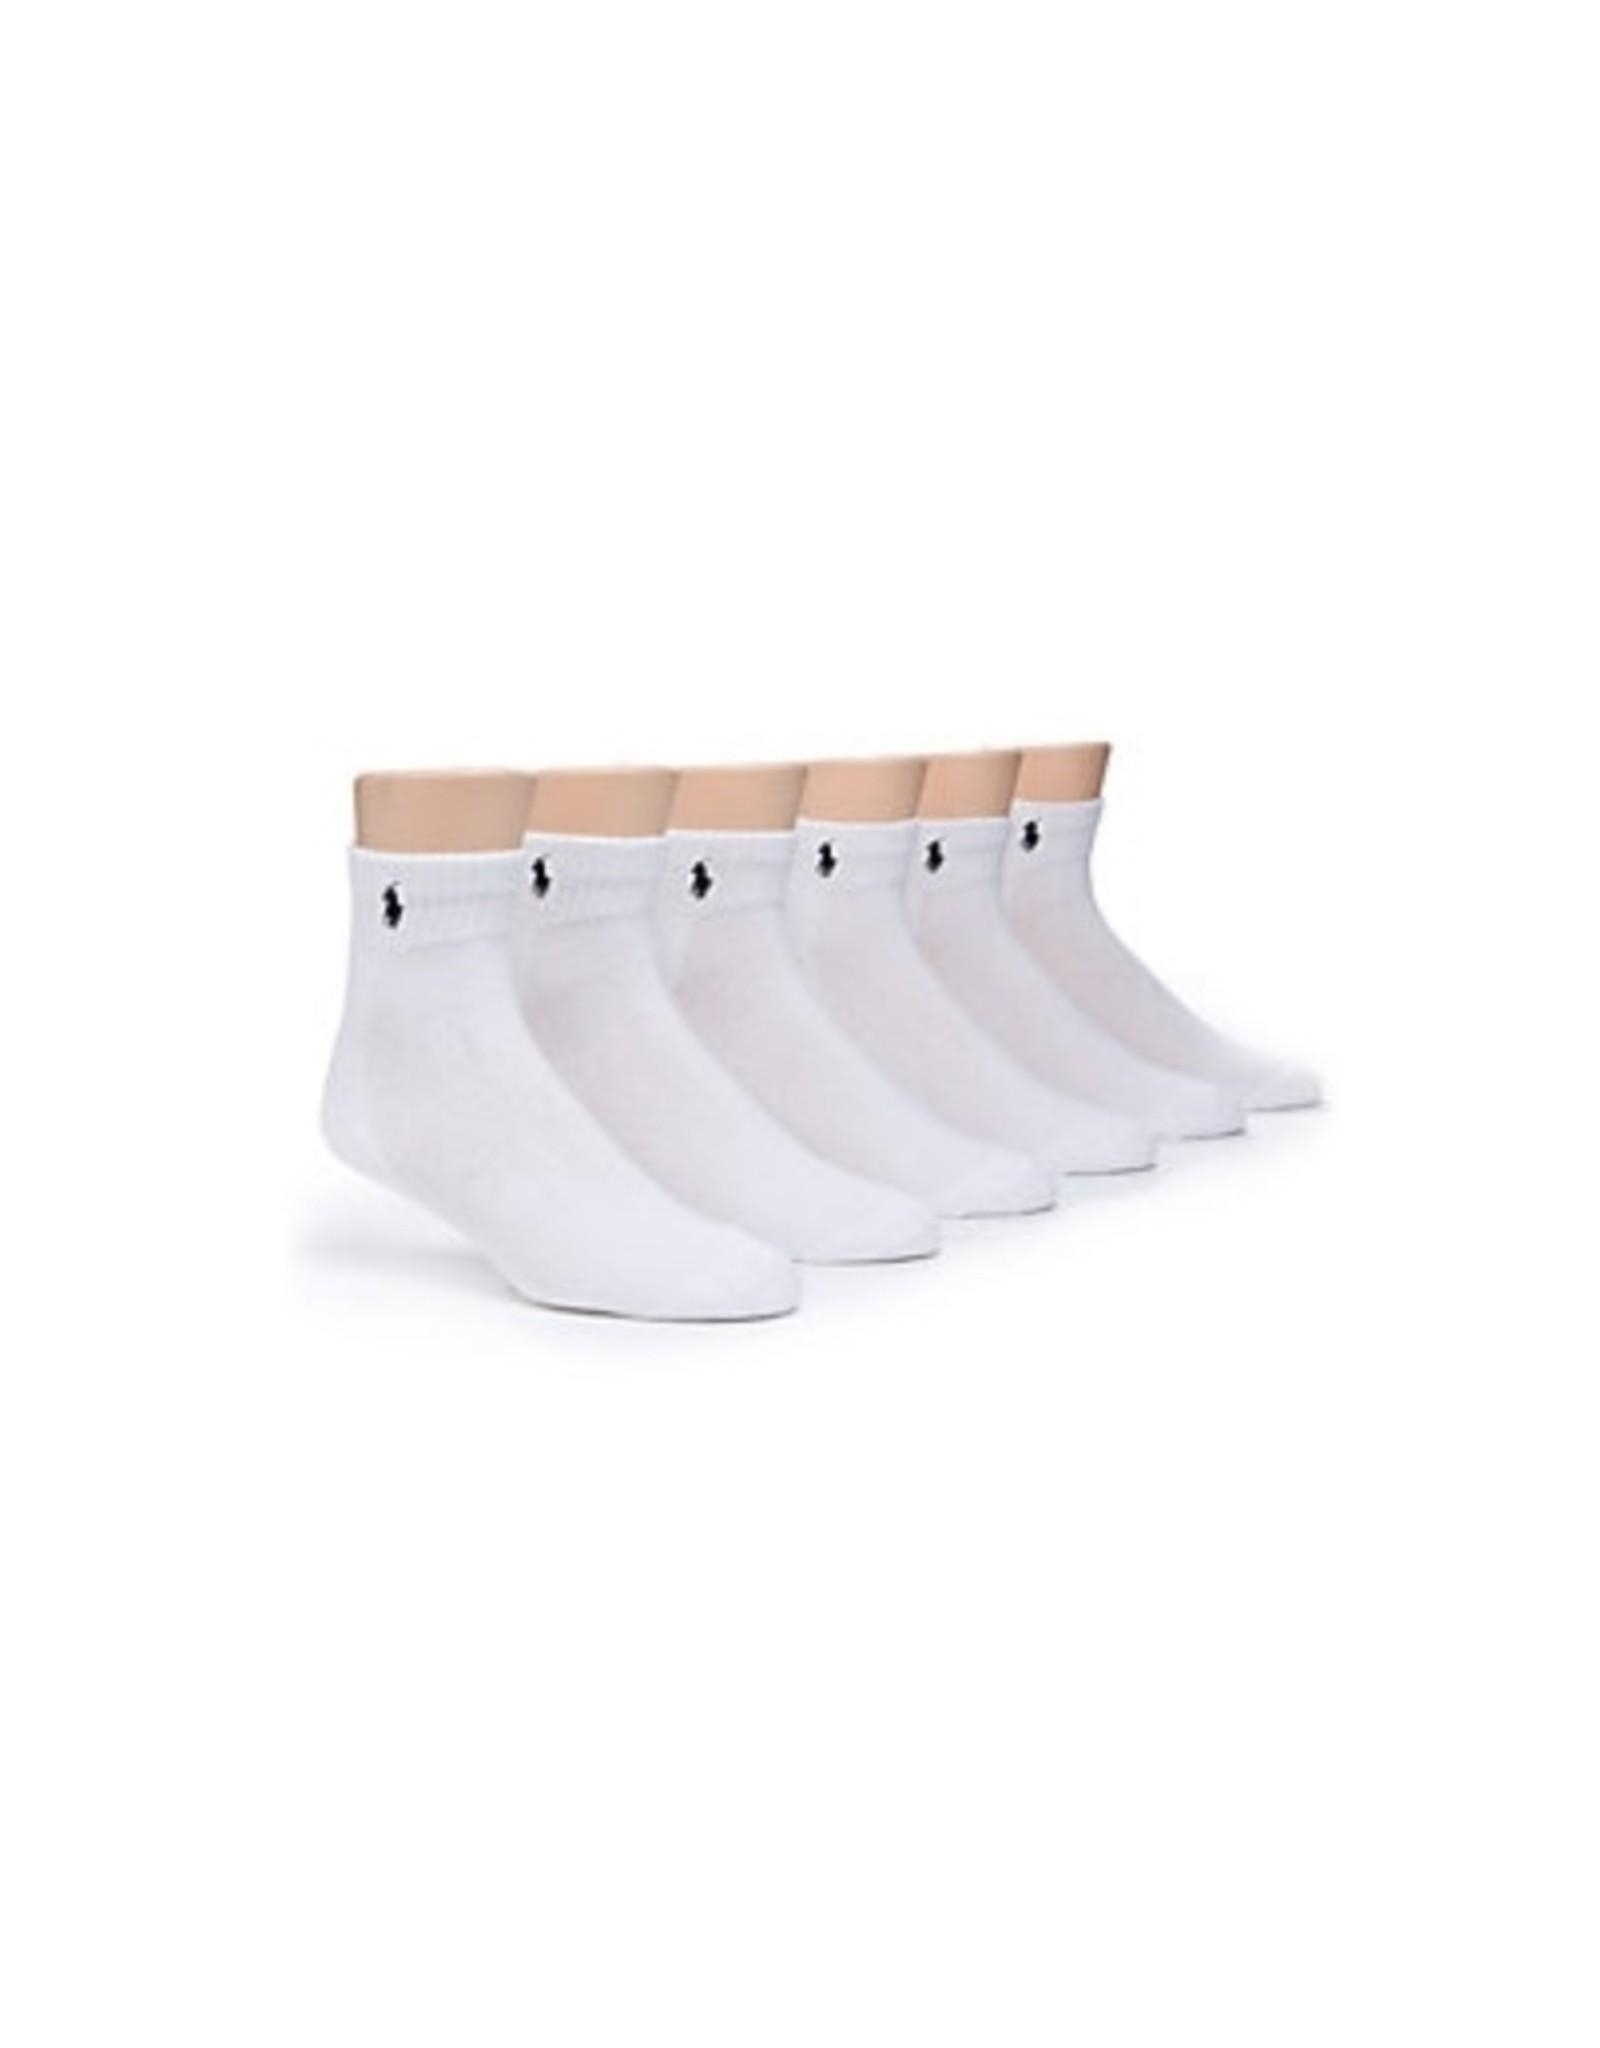 Polo Ralph Lauren Polo Ralph Lauren Men's Ankle Cotton Sport Socks 6-Pack